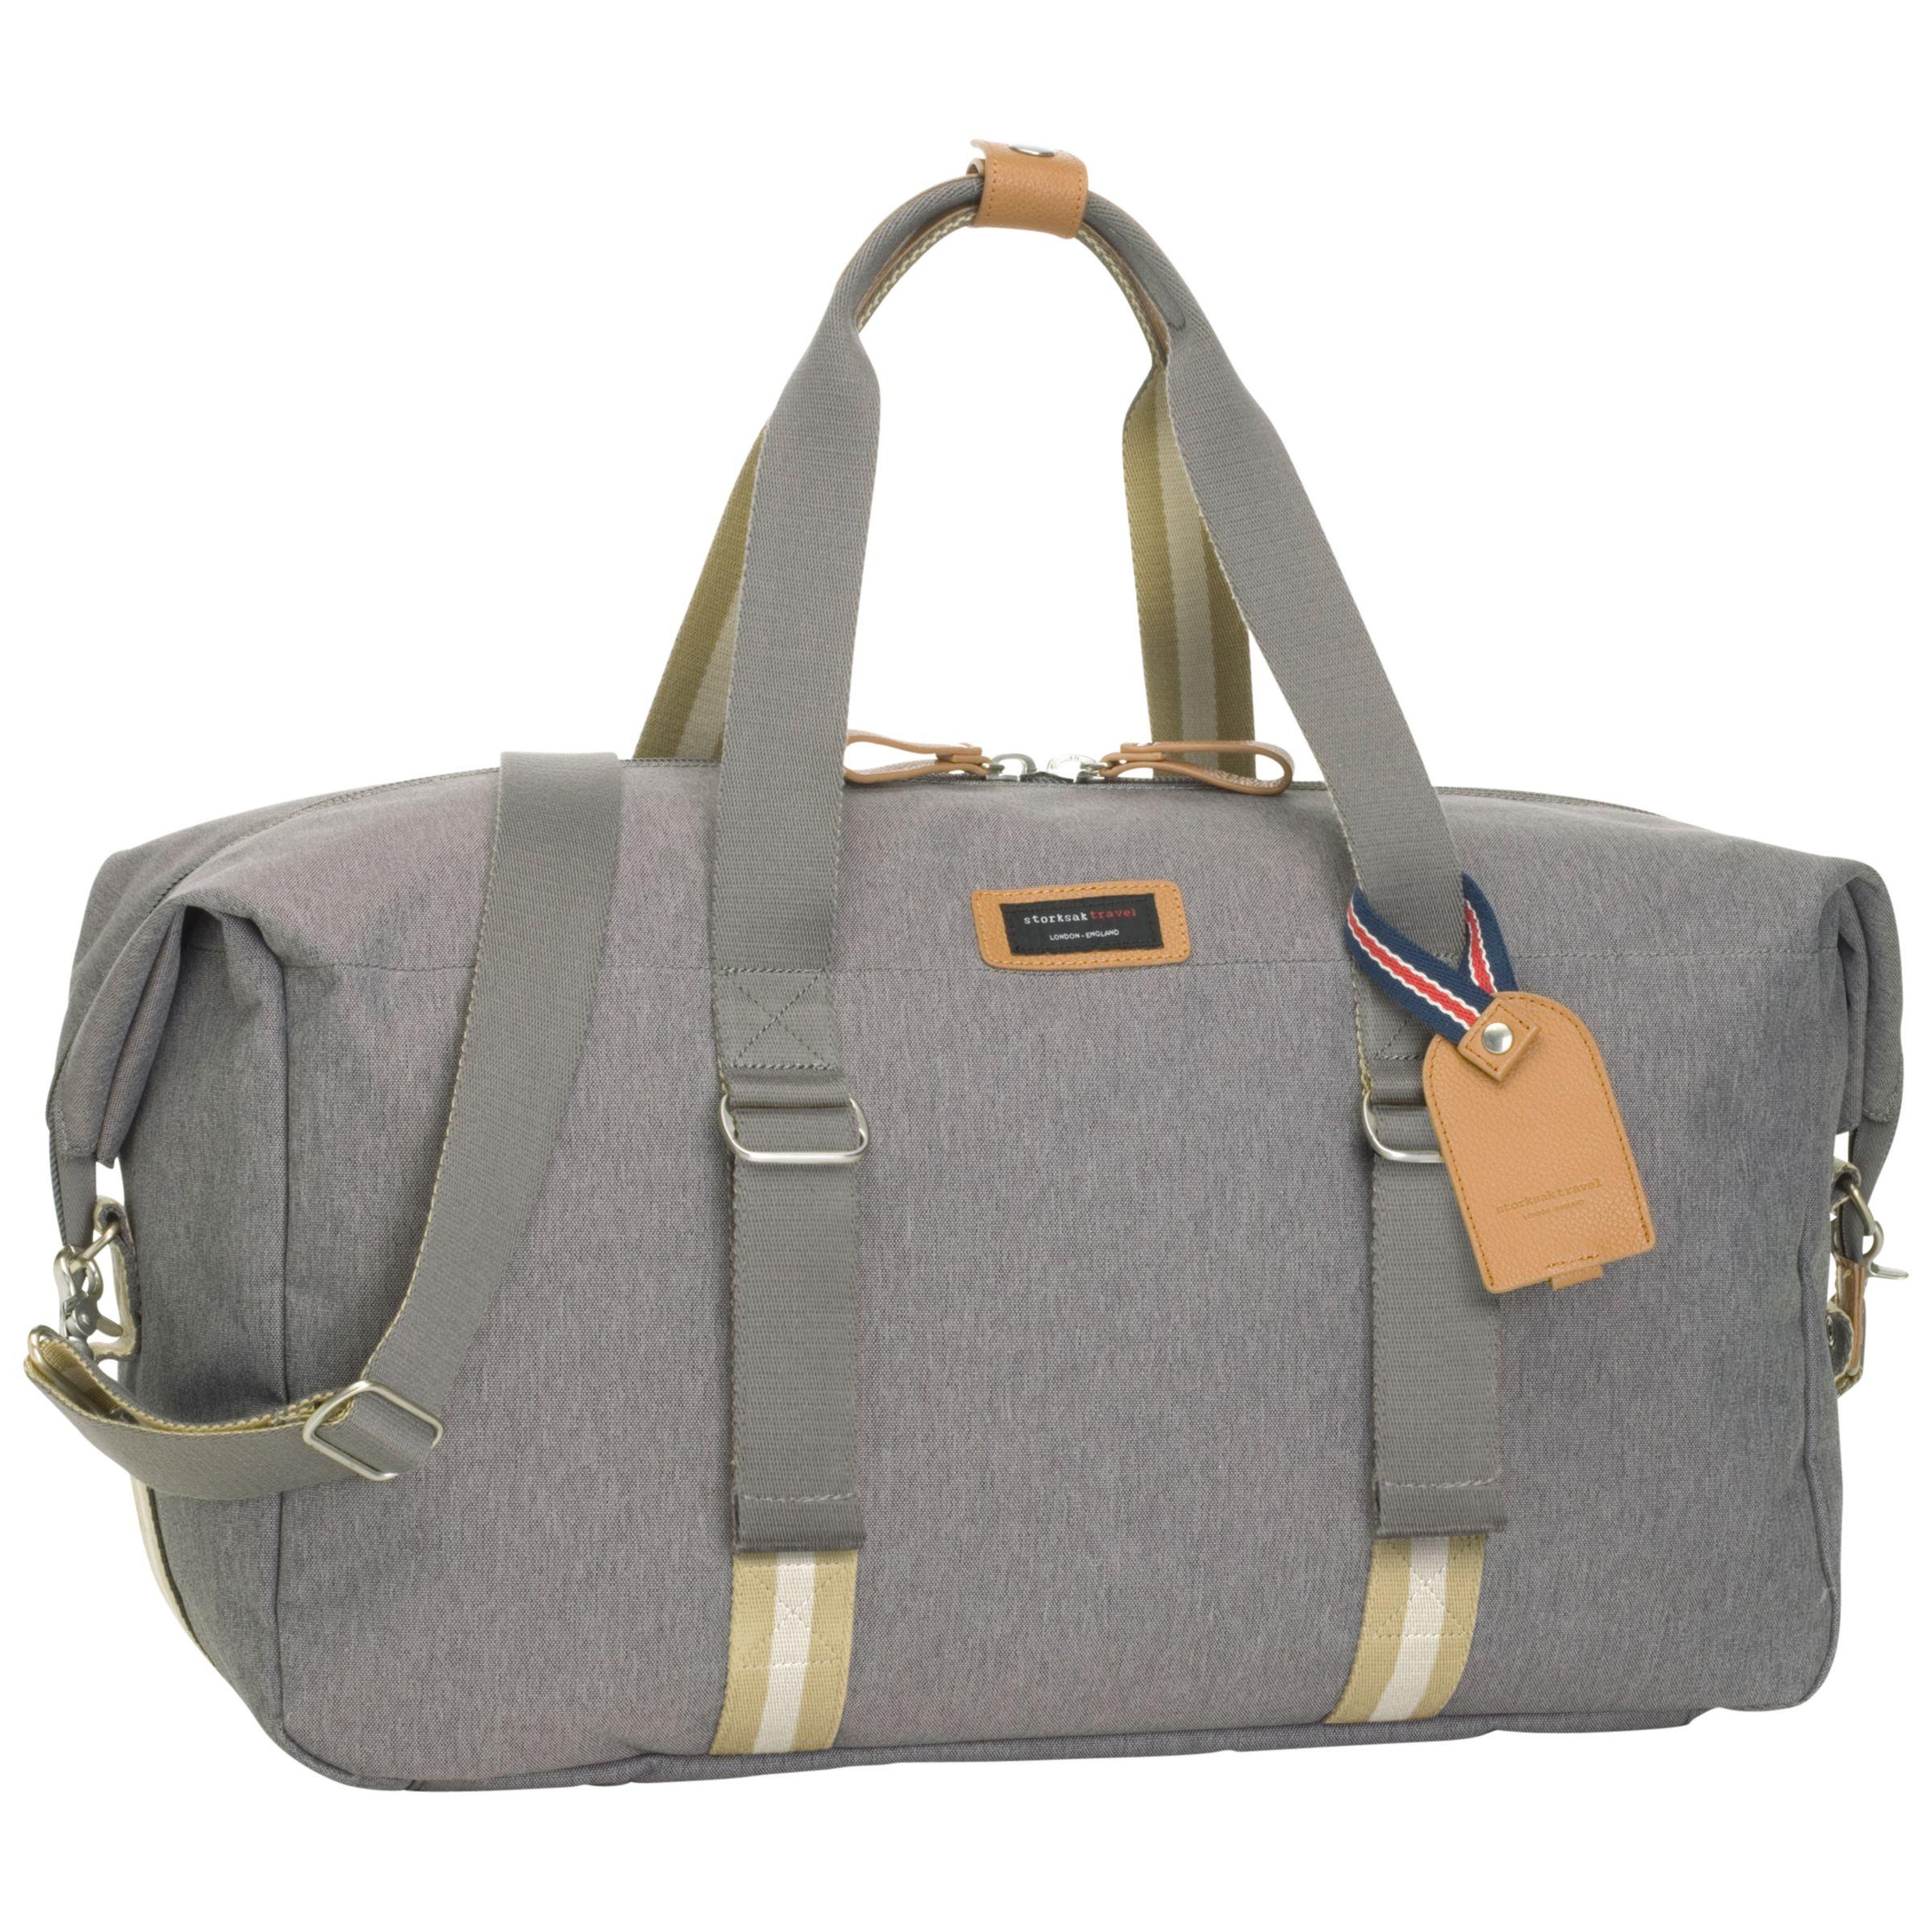 Storksak Storksak Travel Duffle Changing Bag